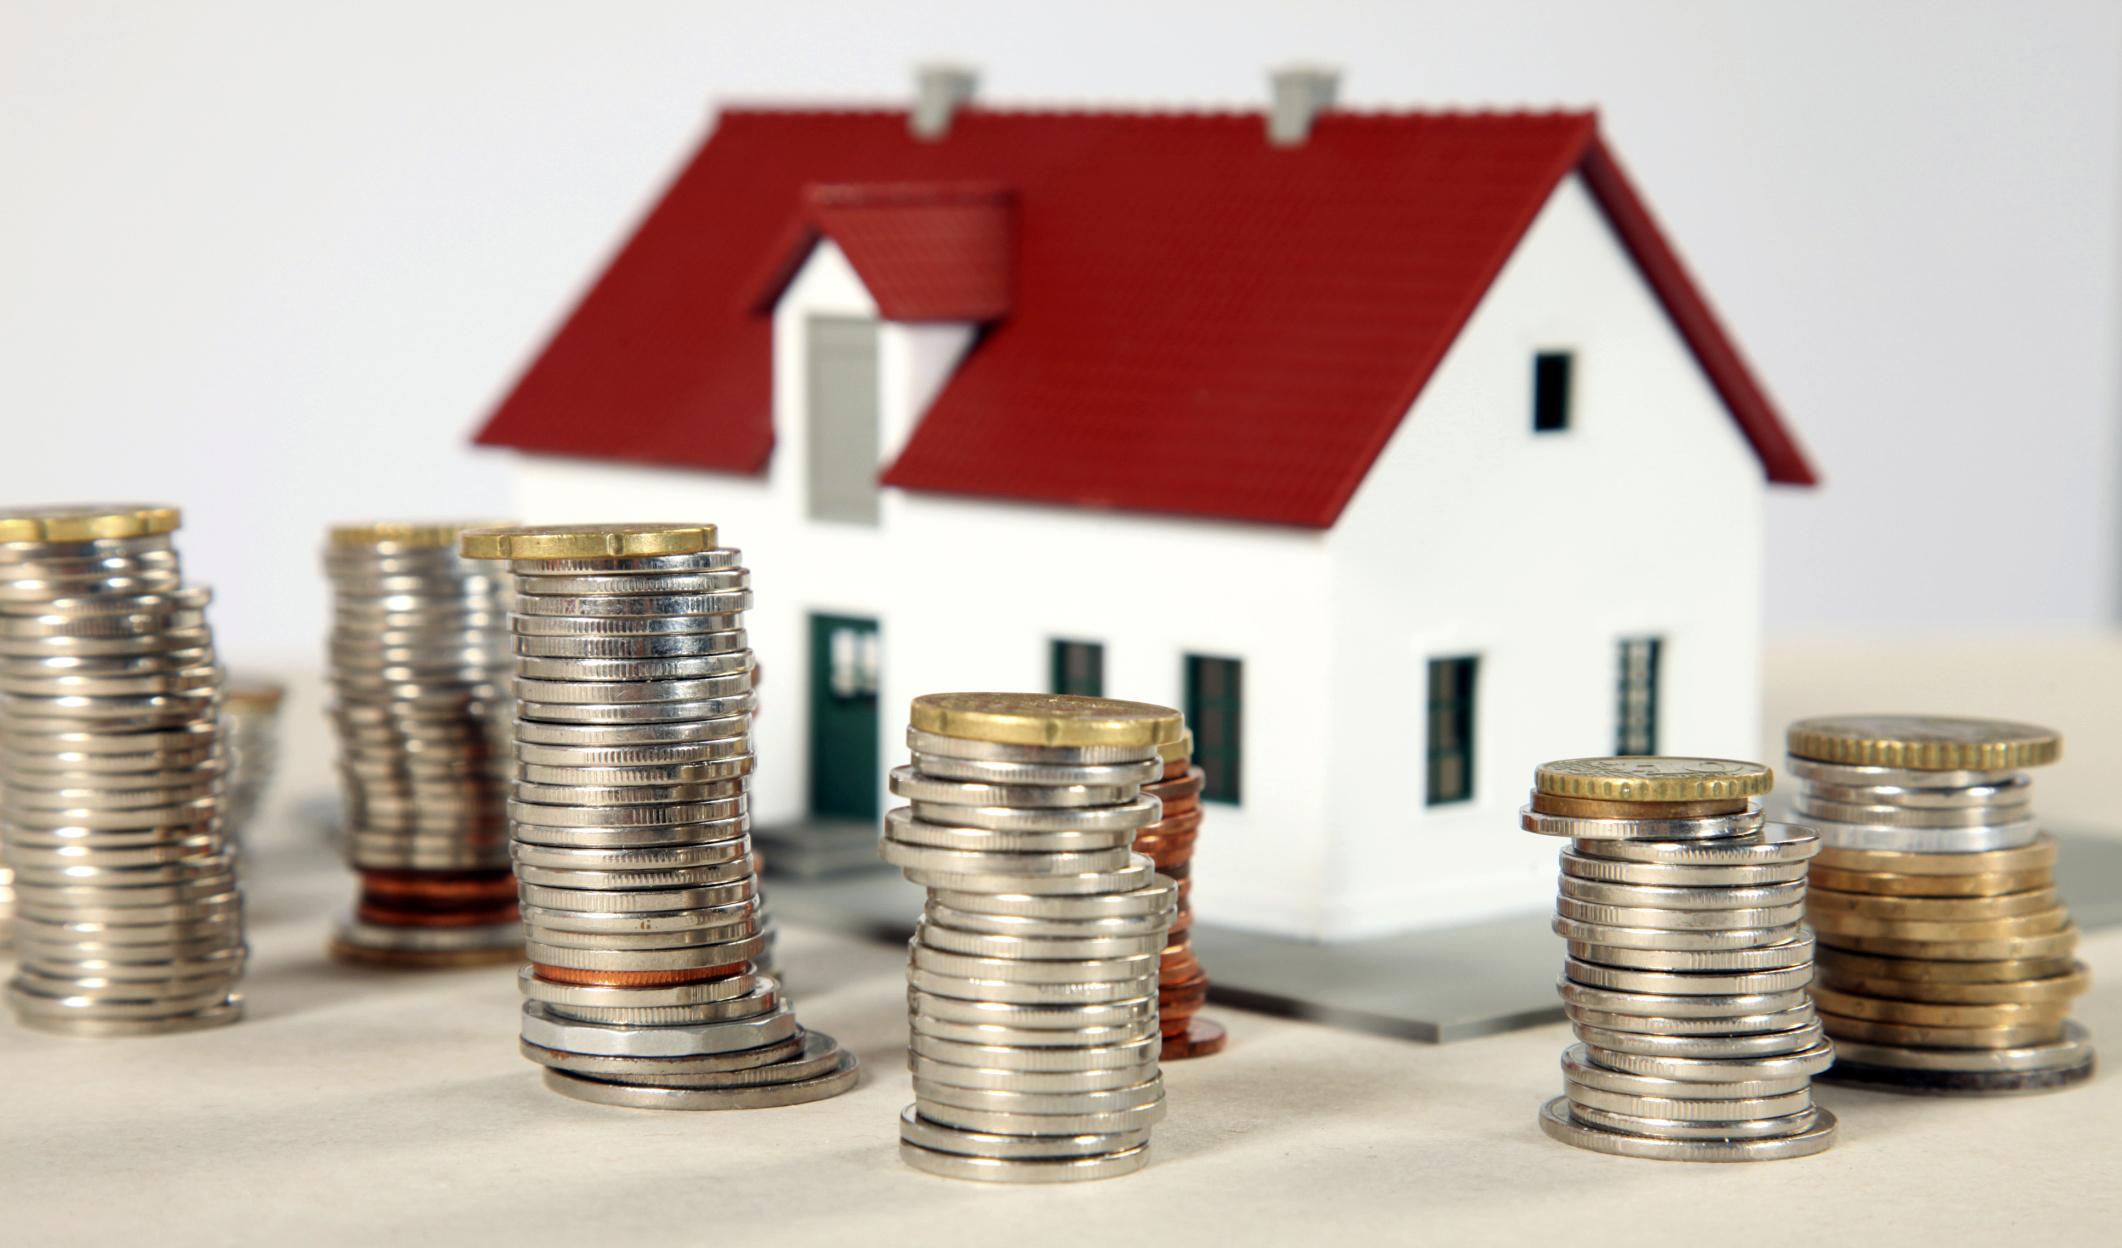 یک پیشنهاد برای حل مشکل رهن و اجاره مسکن